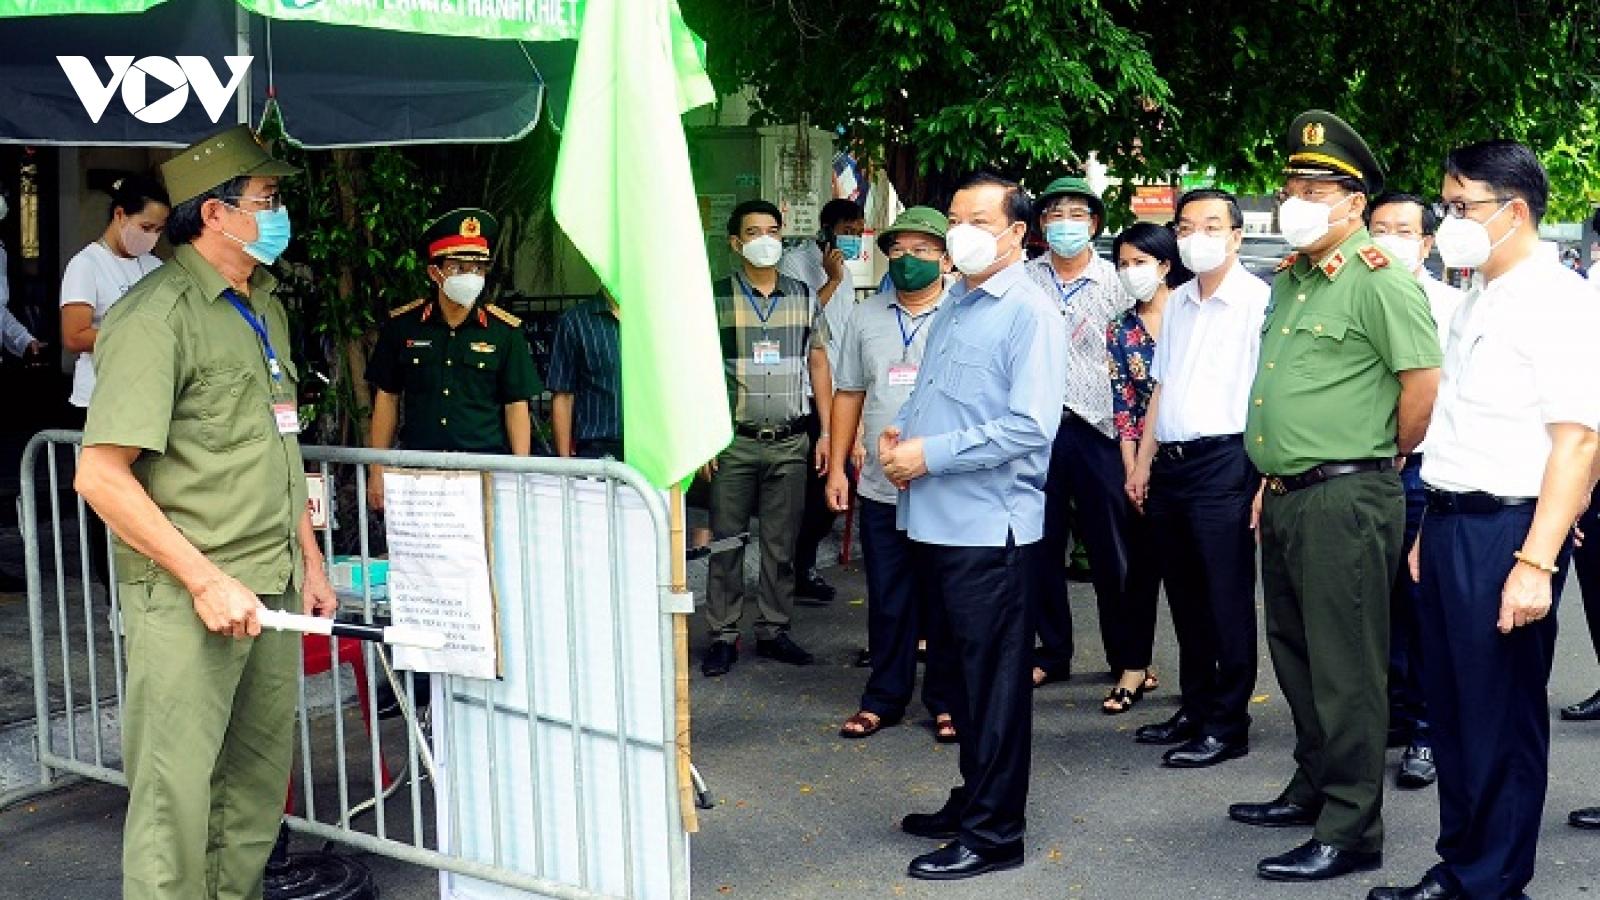 4 đợt giãn cách để đưa Thủ đô Hà Nội sang giai đoạn bình thường mới